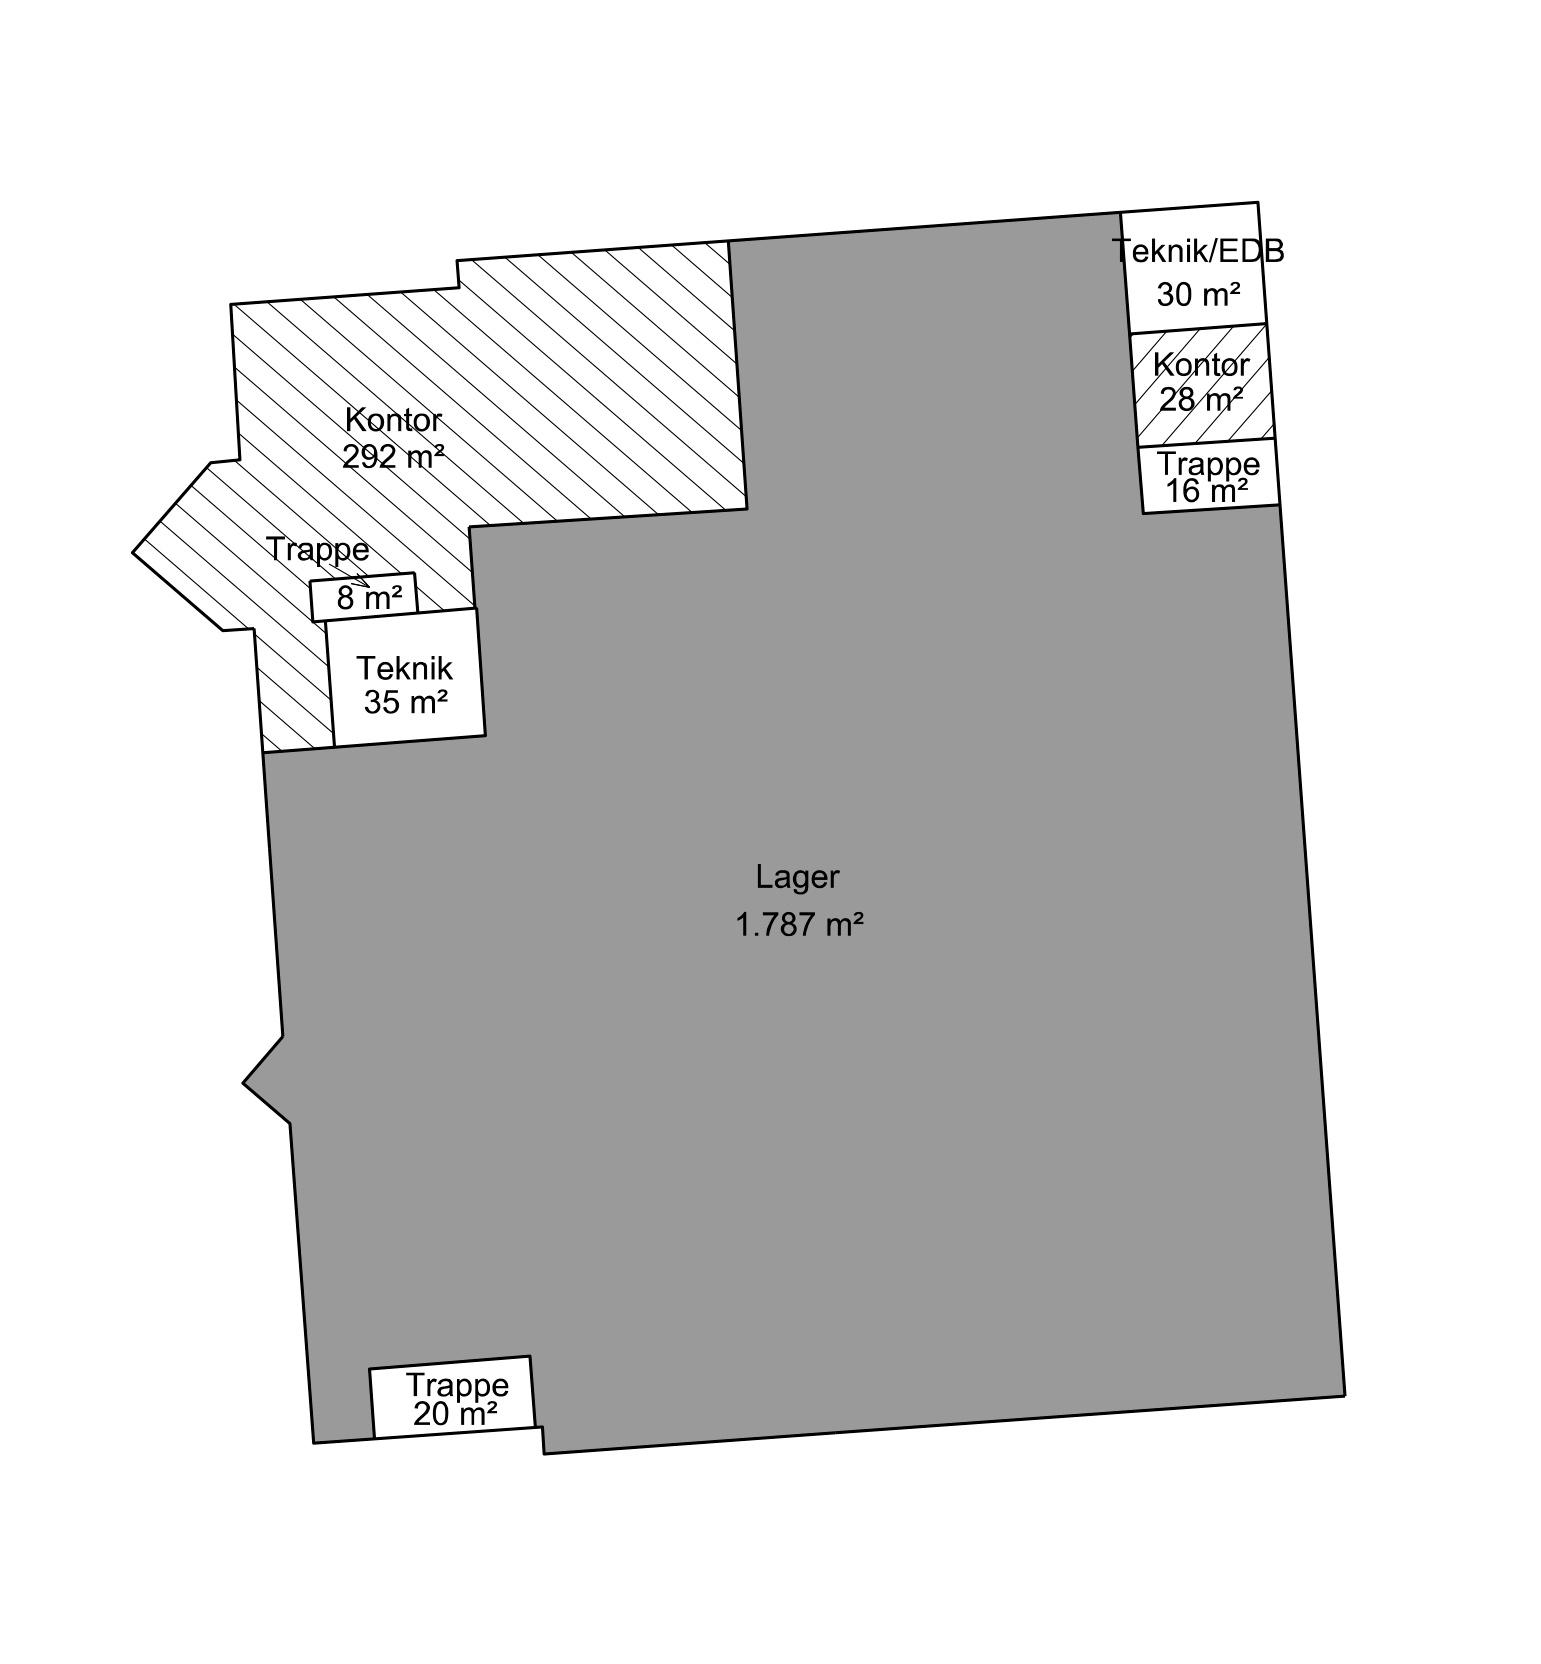 Plantegning - Stueplan - Bygn. 1 - Brandstrupvej 4